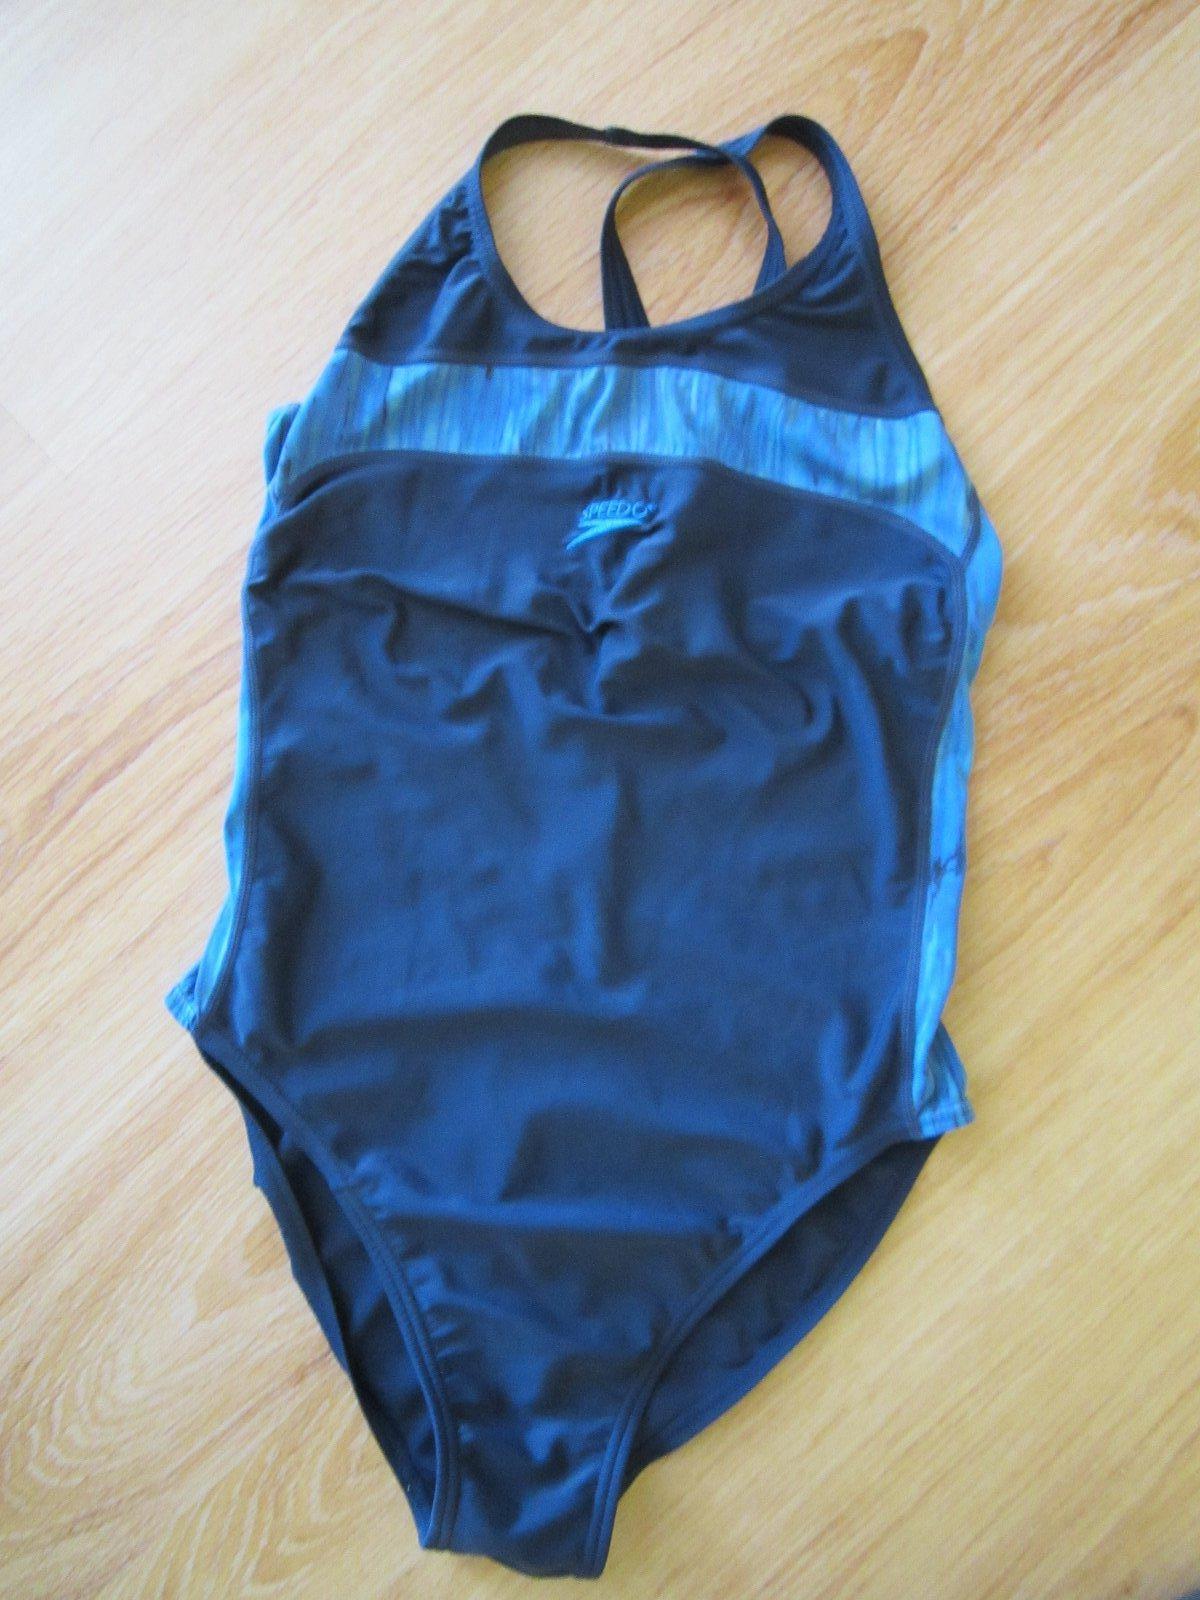 0fad51e64 Dámské plavky--speedo--46, speedo,46 - 6,50 € od predávajúcej mara58 |  Detský bazár | ModryKonik.sk